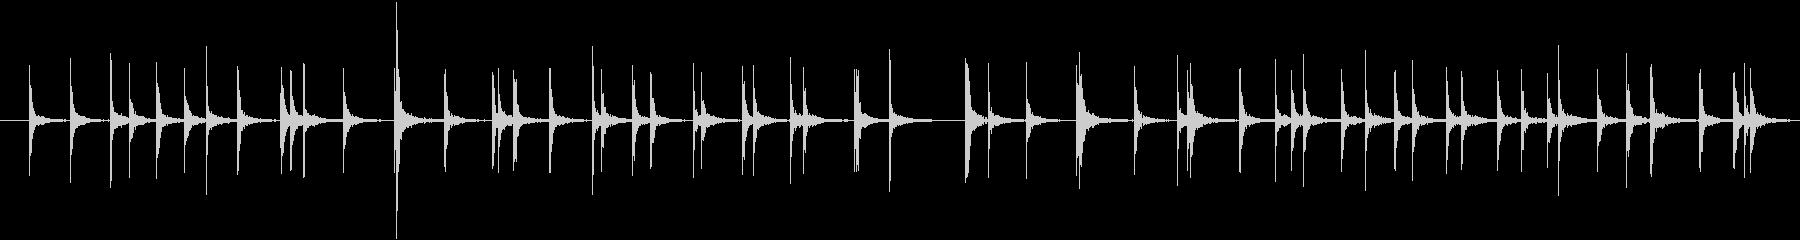 金槌(工事現場のイメージ)の未再生の波形